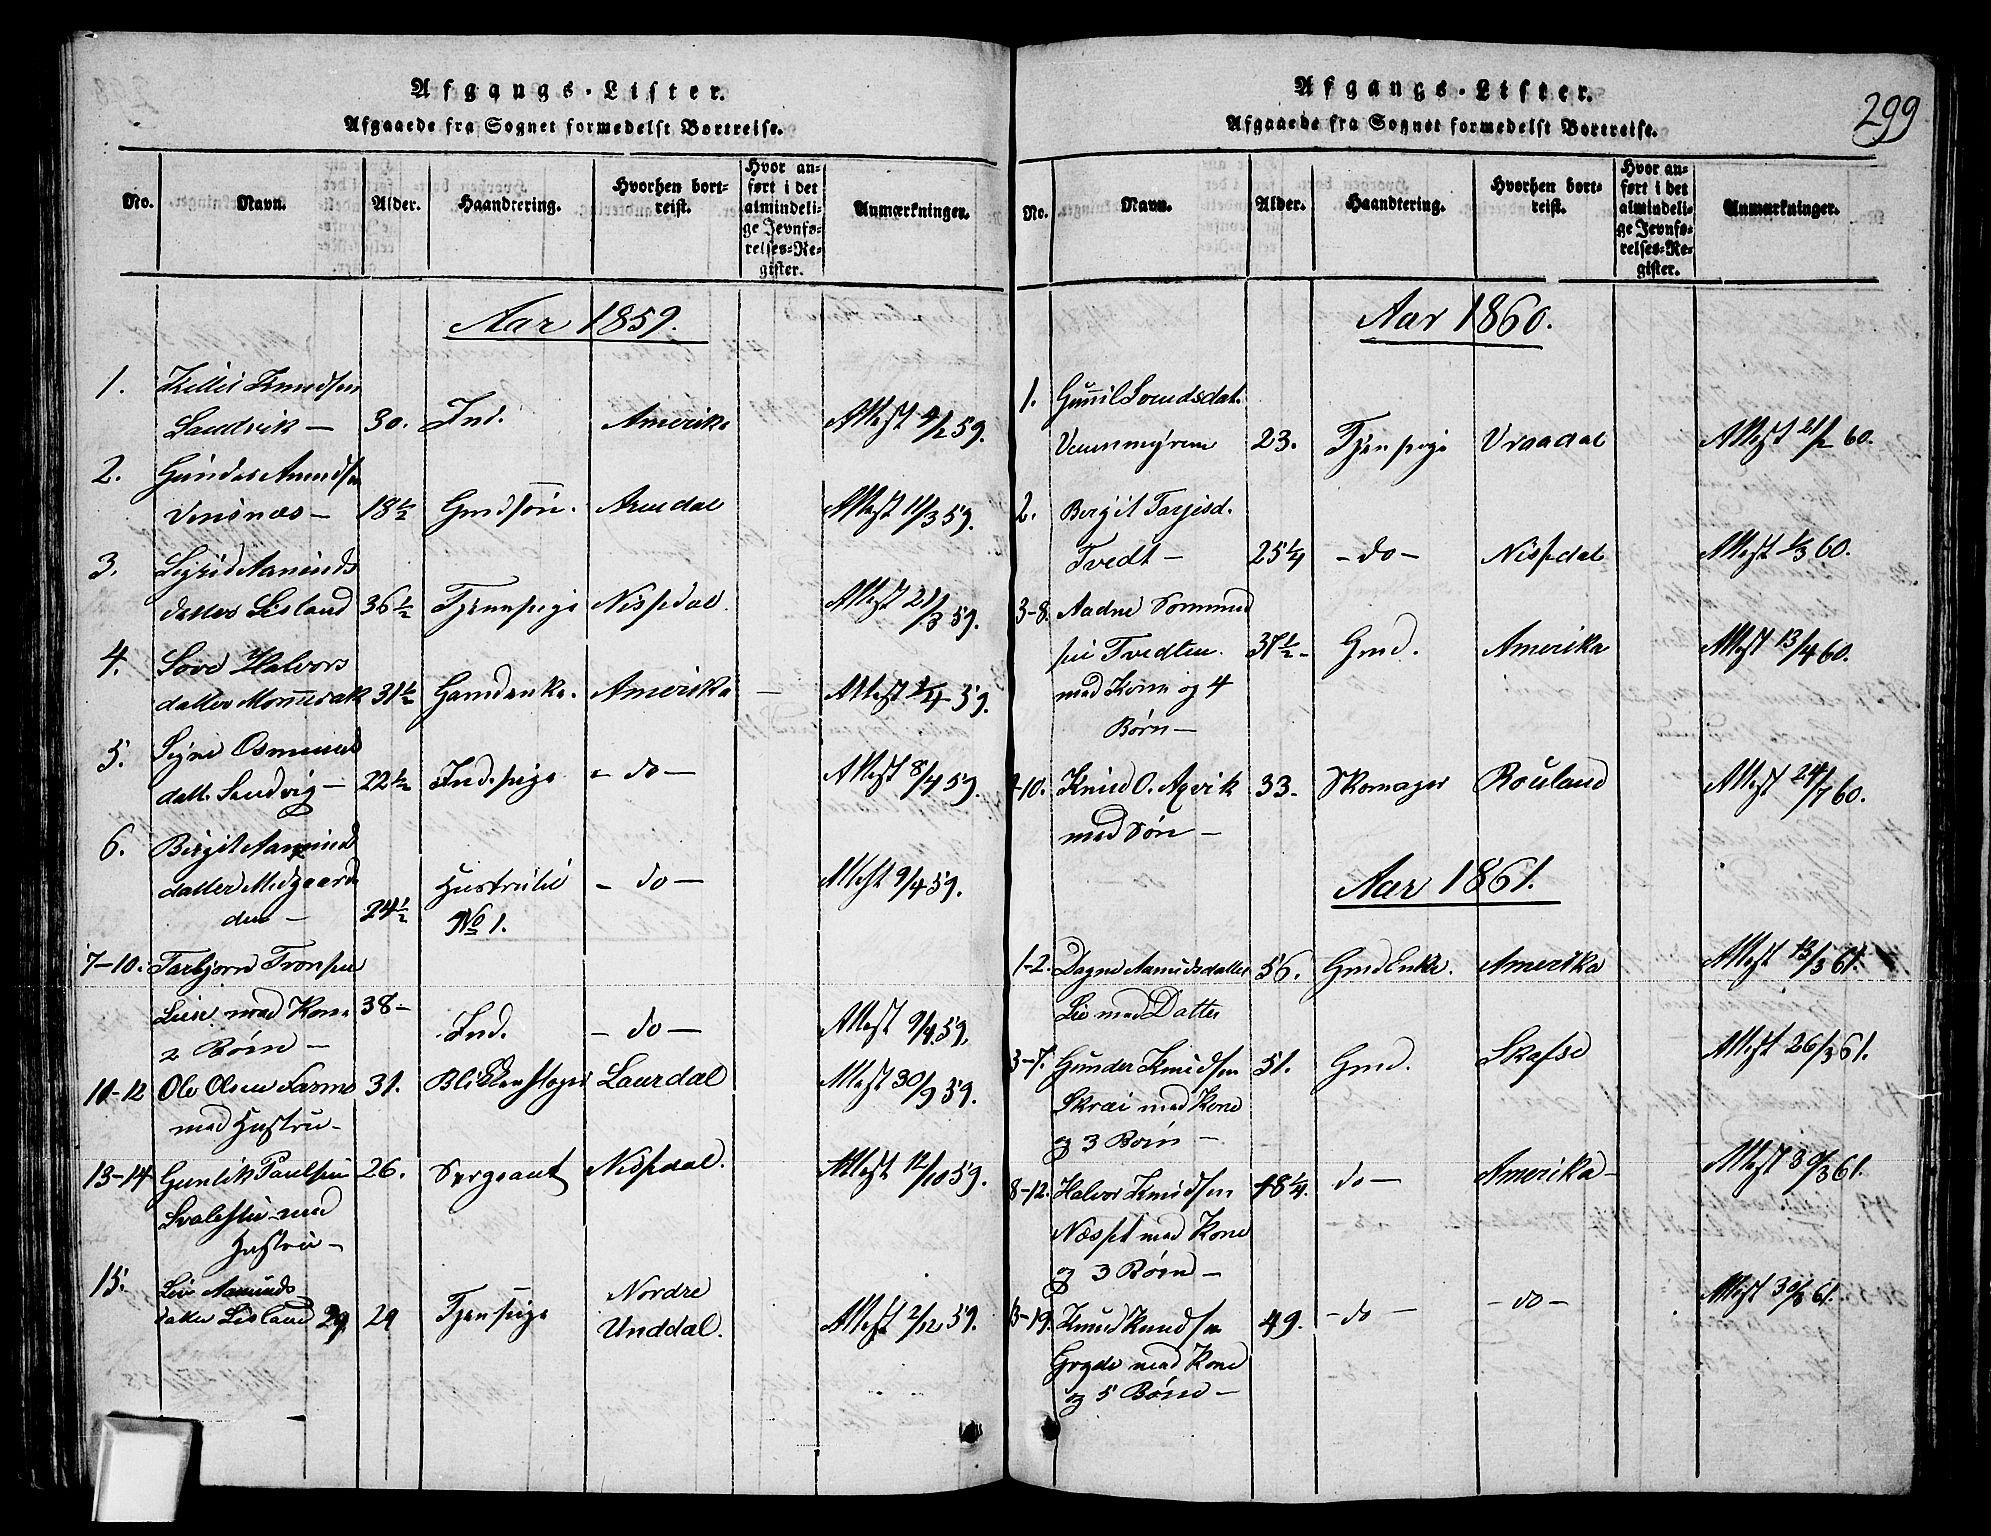 SAKO, Fyresdal kirkebøker, G/Ga/L0003: Klokkerbok nr. I 3, 1815-1863, s. 299